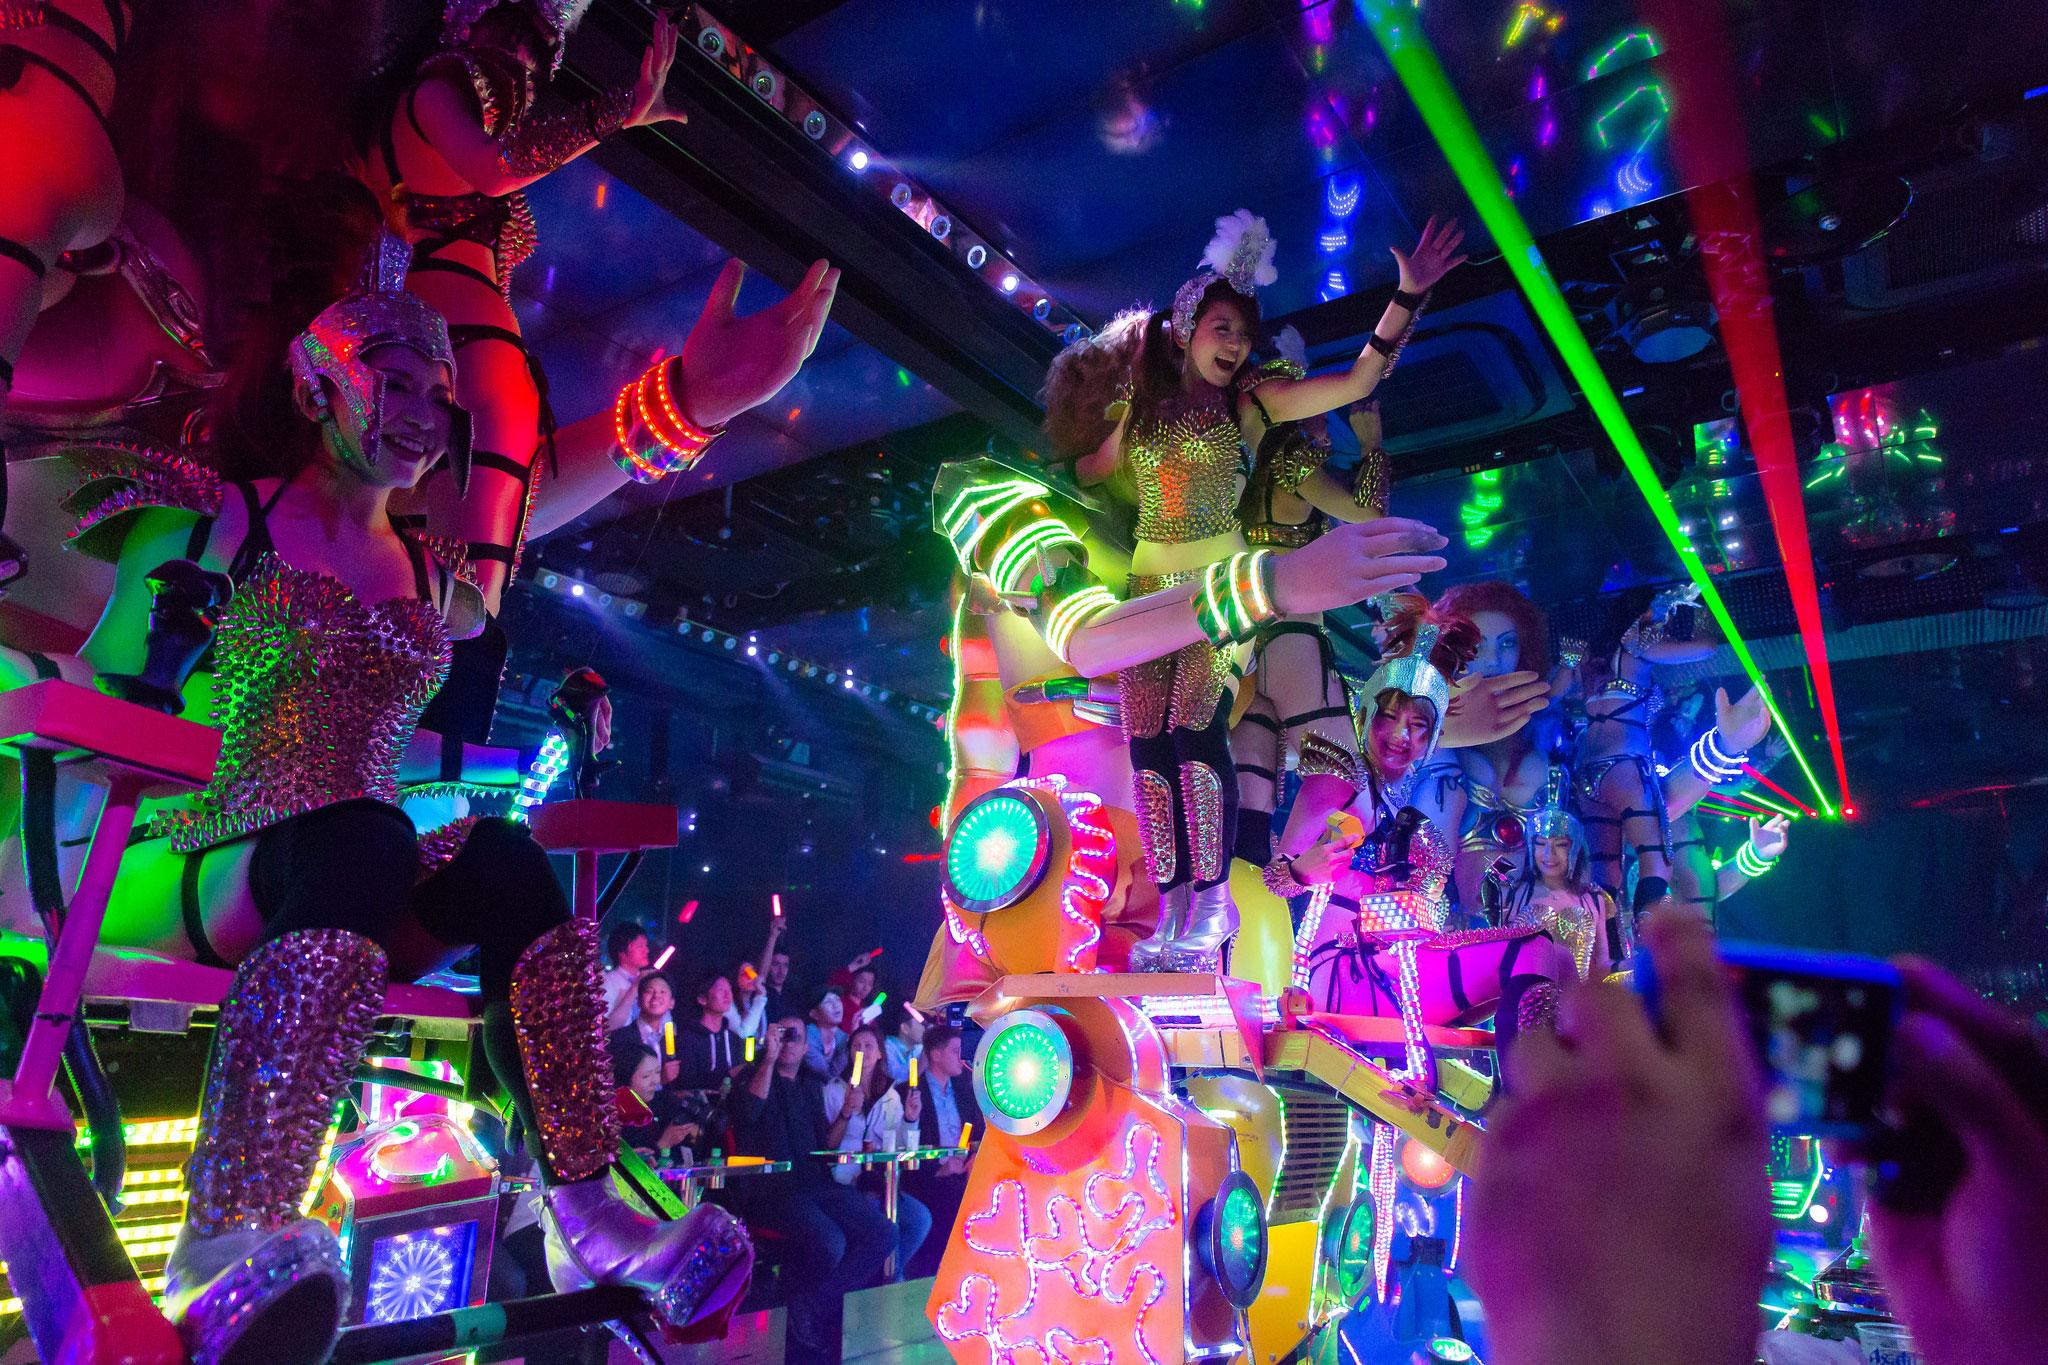 Watch Just How Psychotic Dinner Is at Tokyo's Technicolor Robot Brestaurant